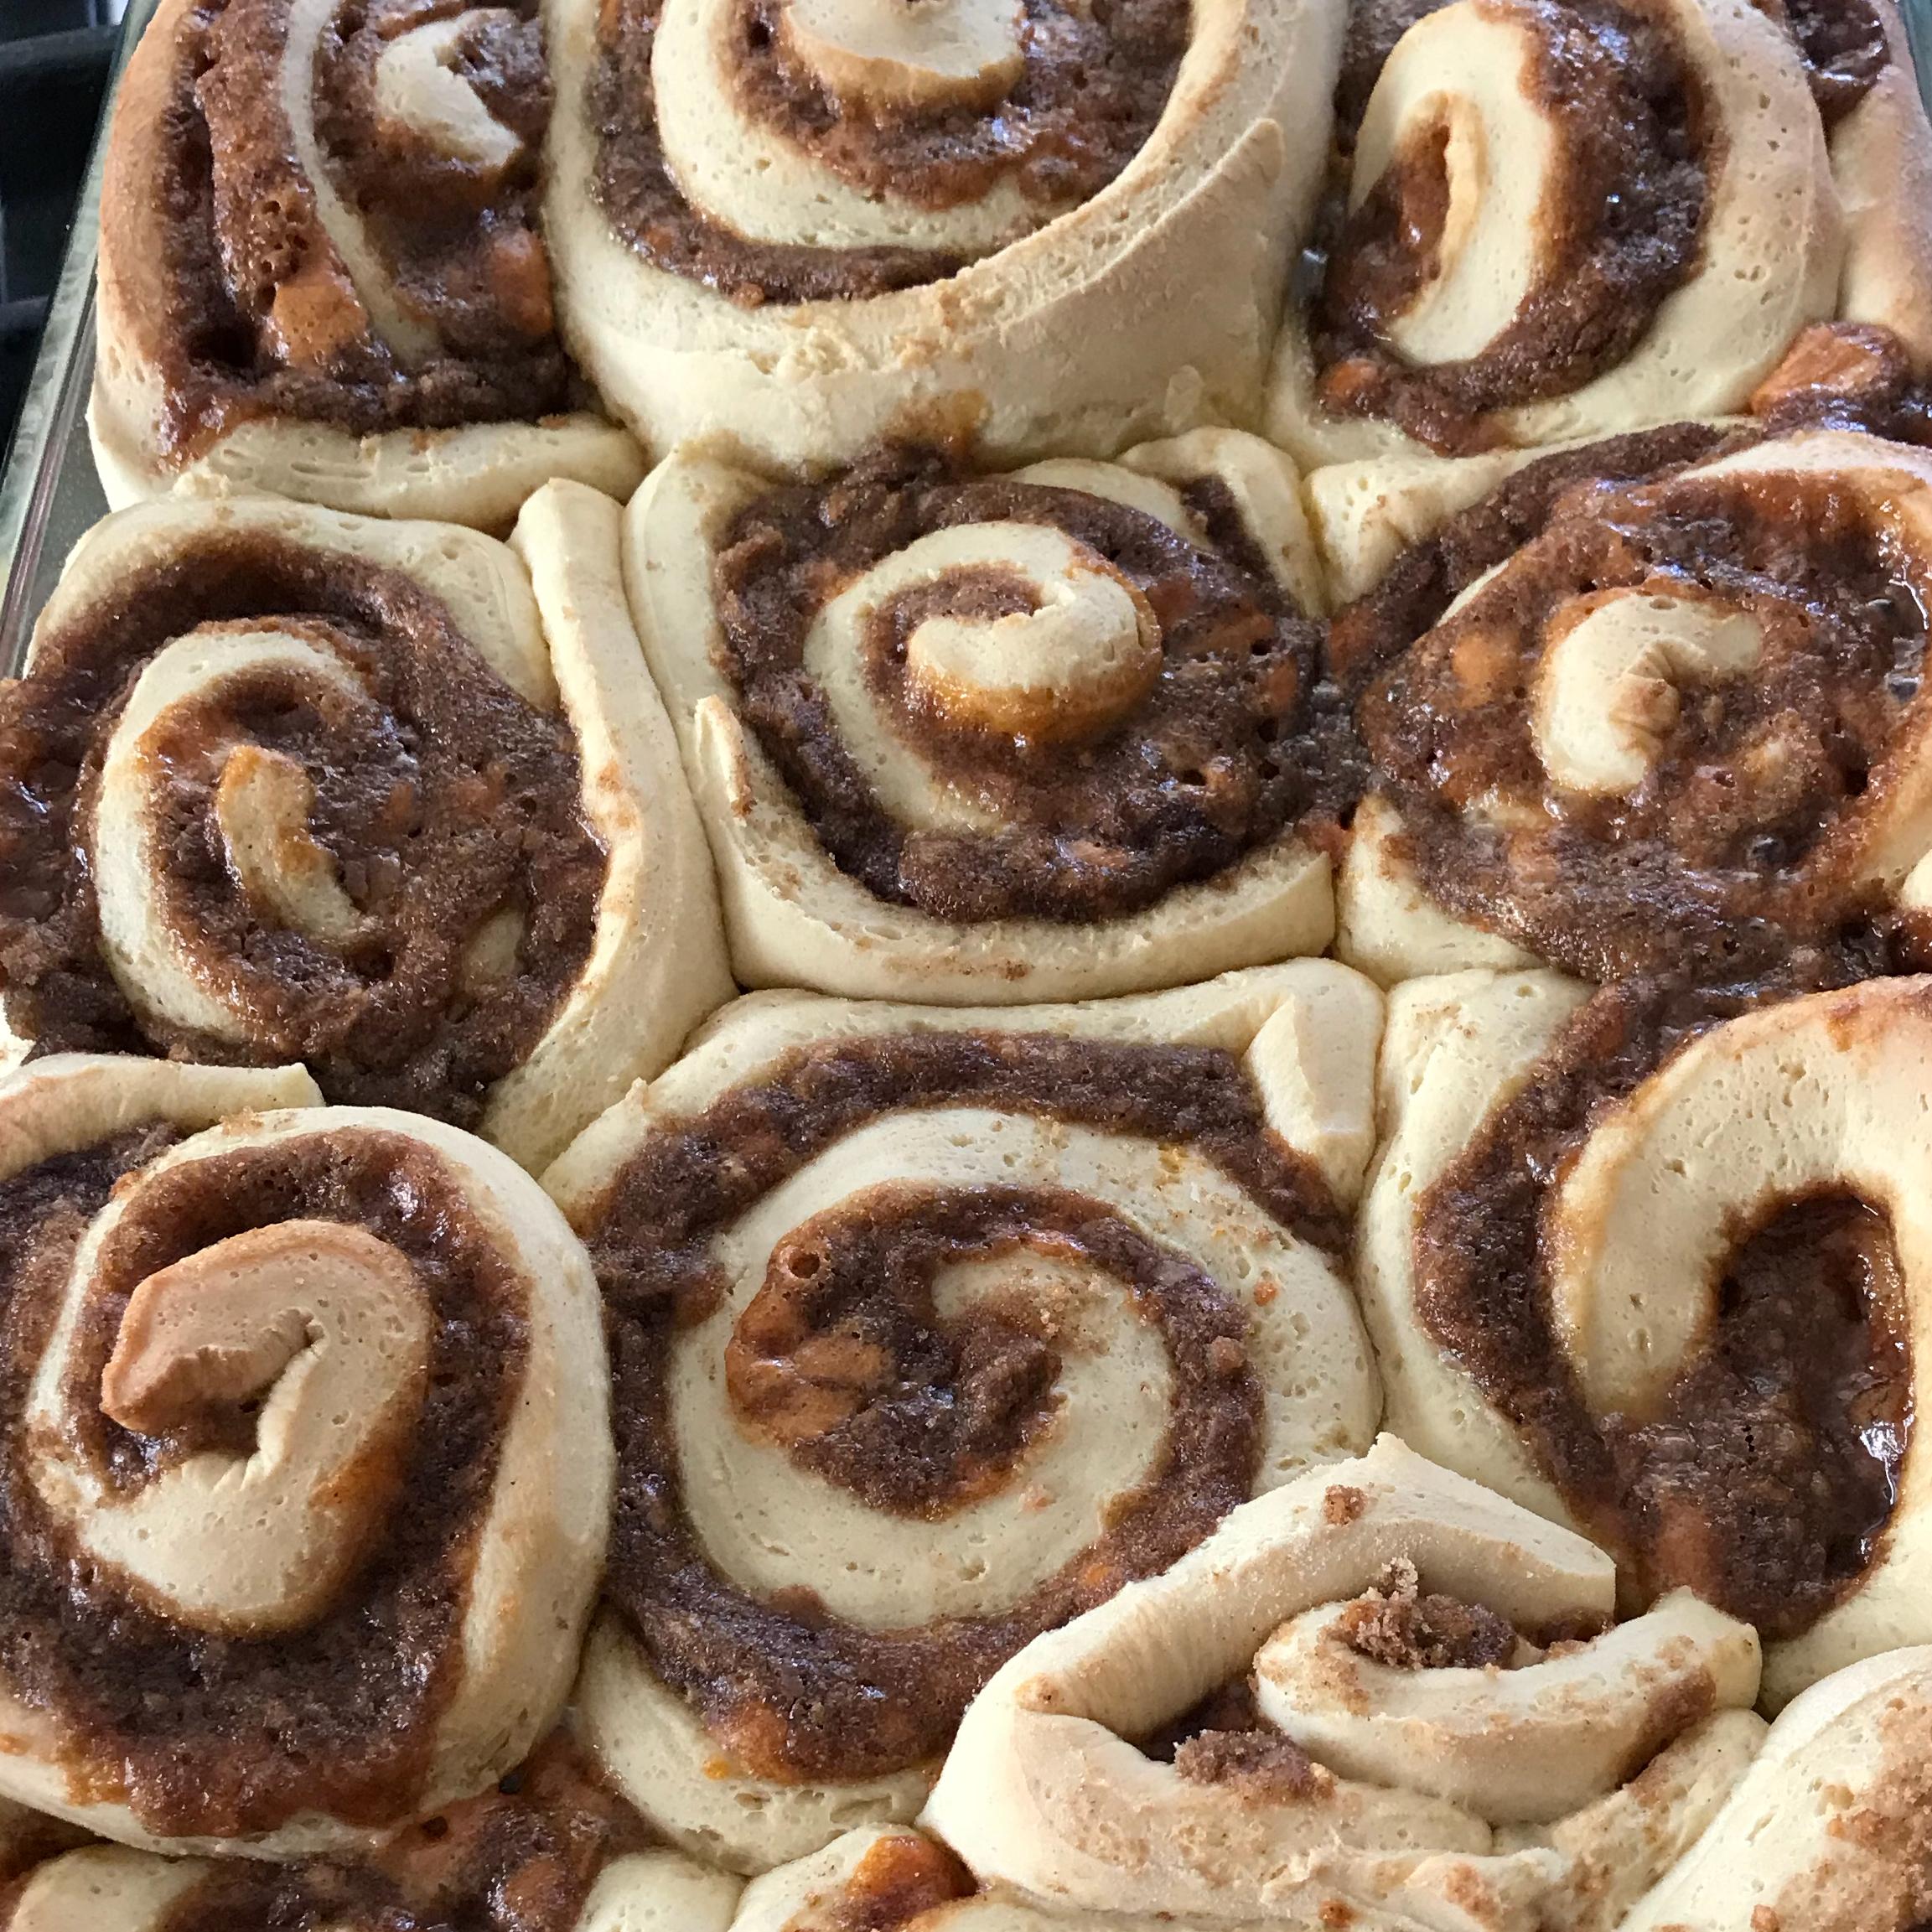 Soft, Moist and Gooey Cinnamon Buns